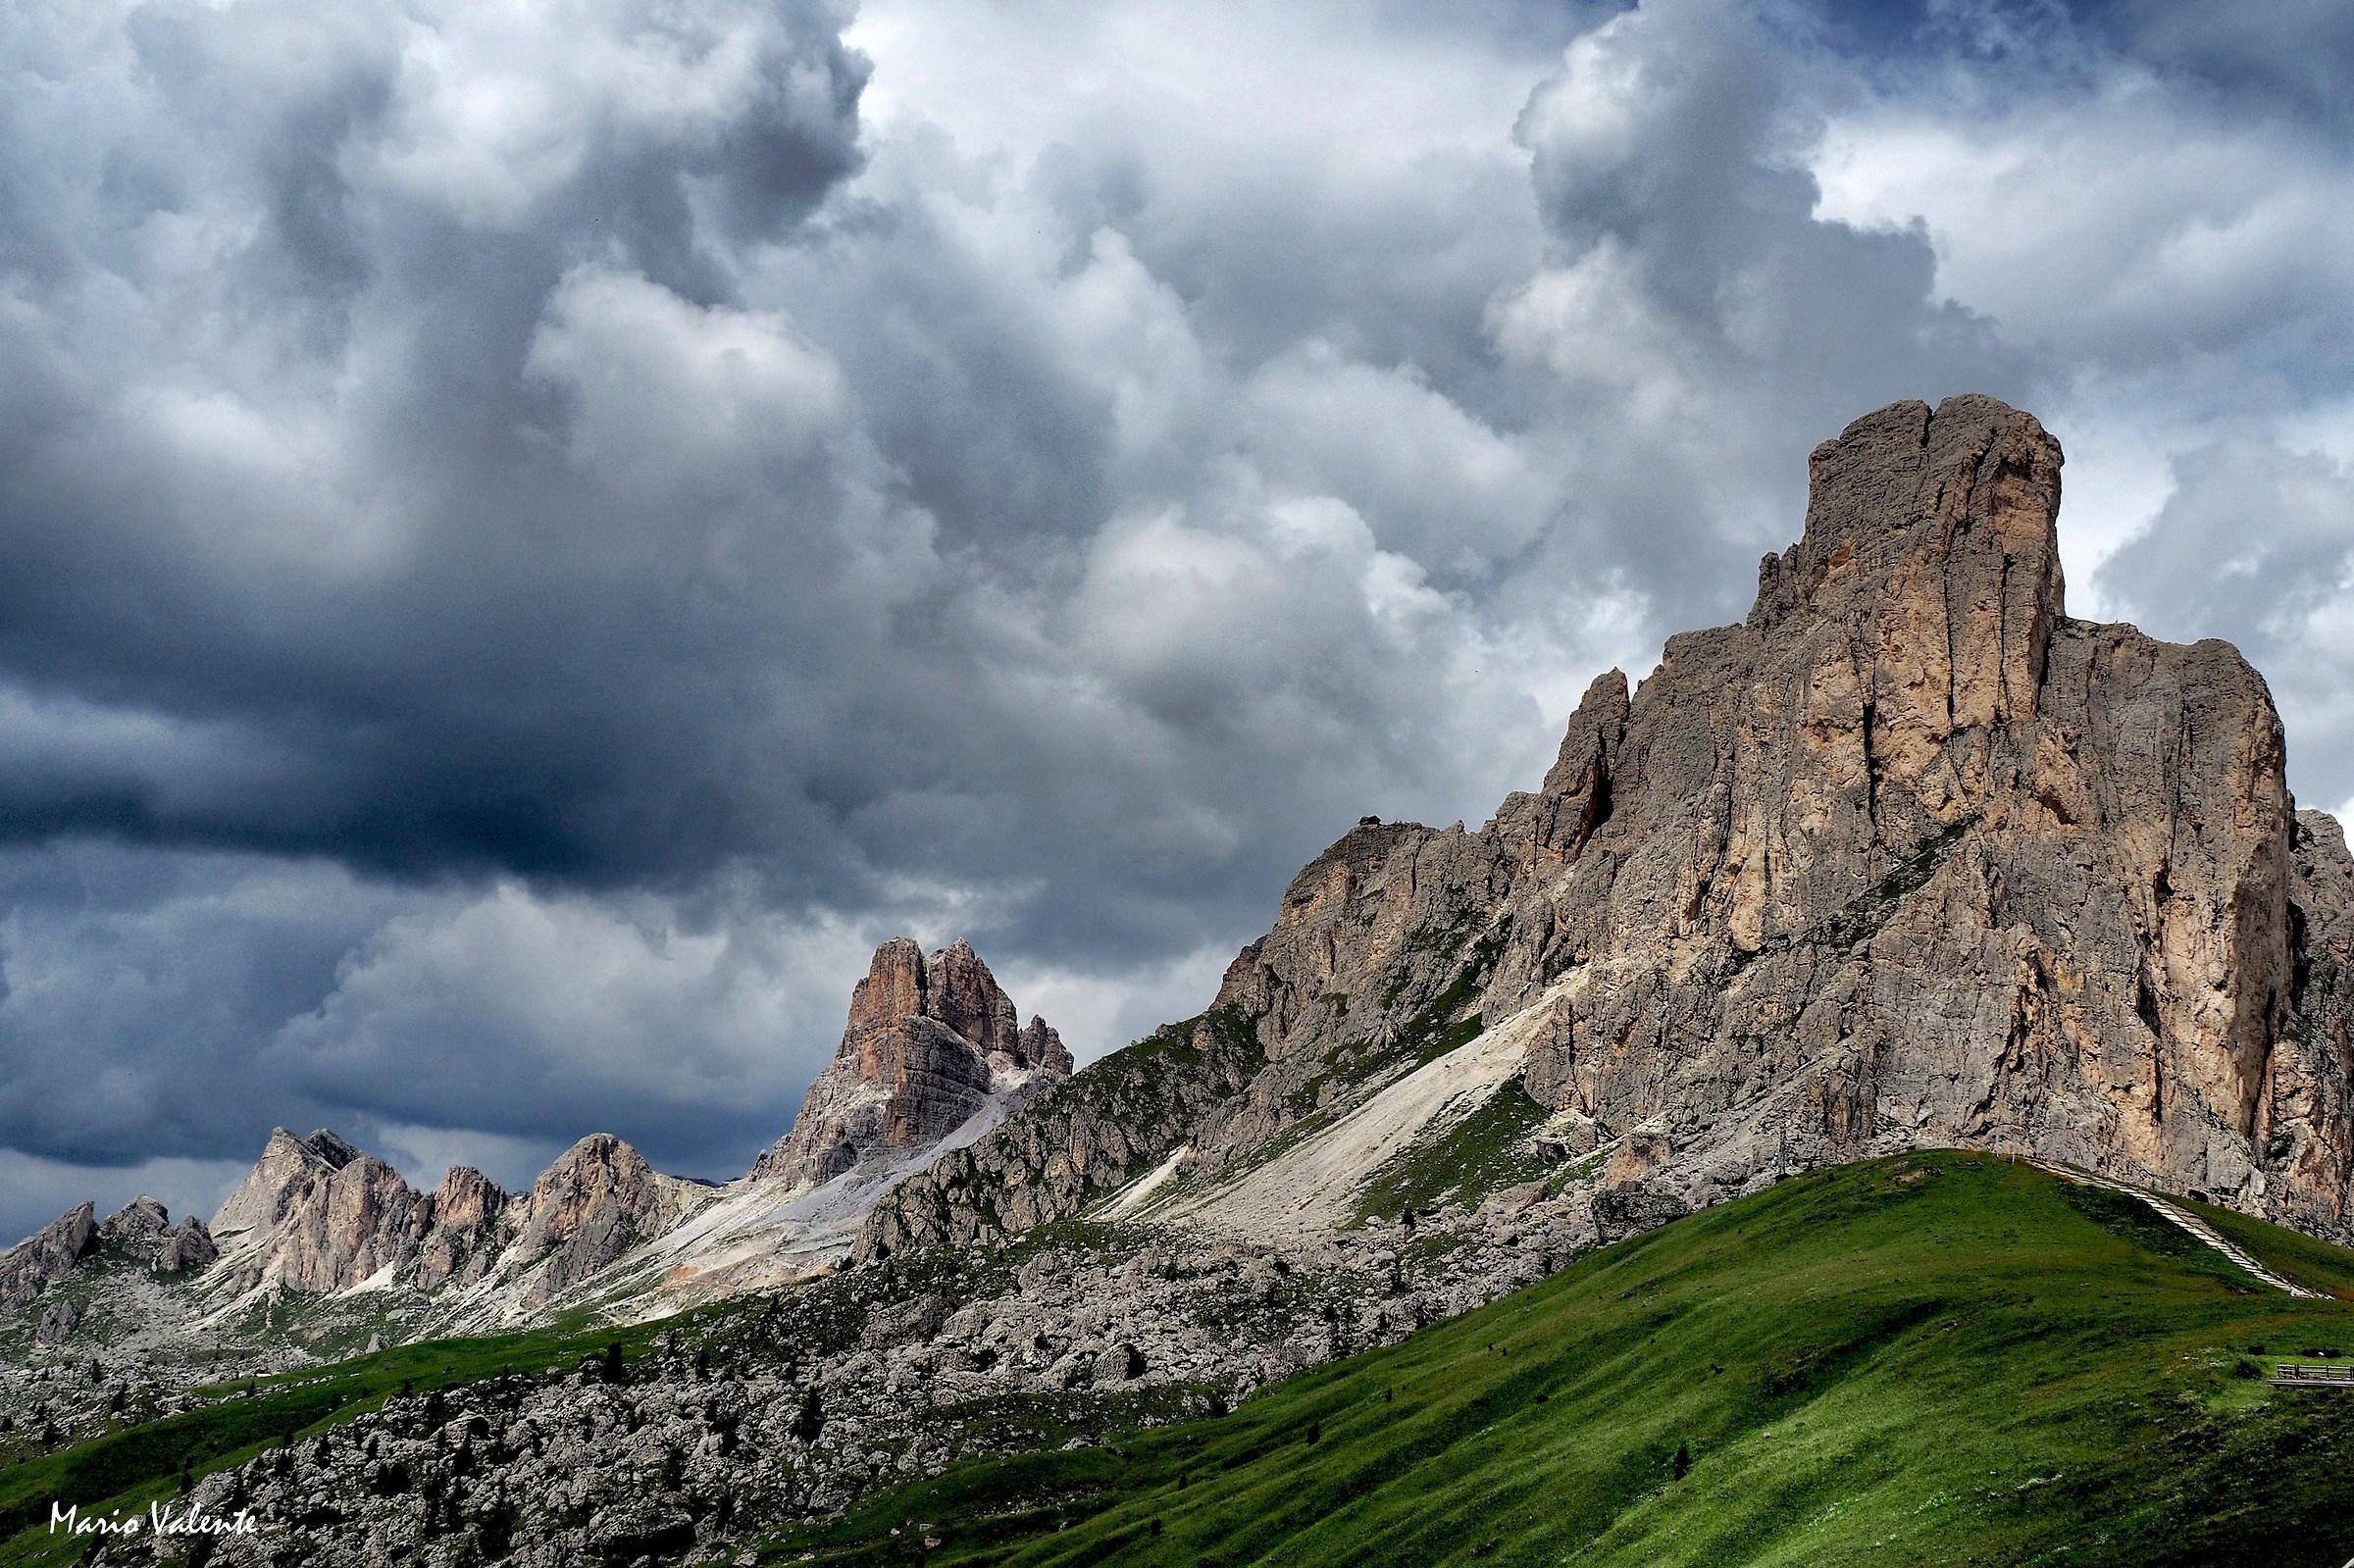 Averau e Nuvolao, il tempo si fa minaccioso...